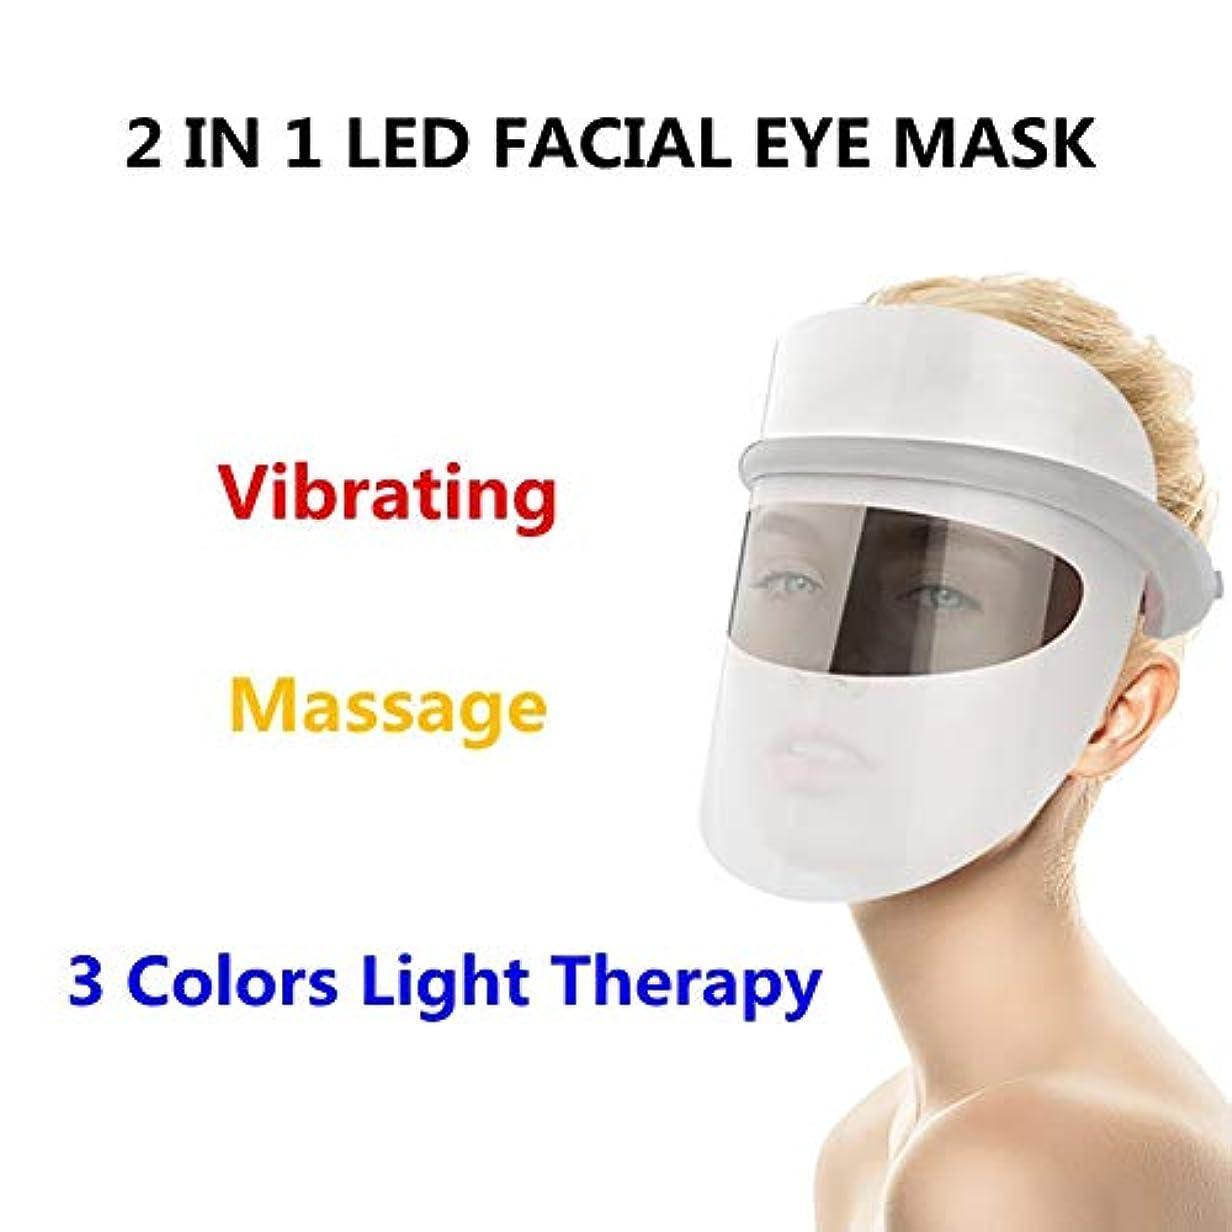 原因探偵外観LEDフォトンビューティーマスク、家庭用Ledビューティーマスク、ホットコンプレックス振動マッサージアイマスク3色、コラーゲン、アンチエイジング、しわ、瘢痕